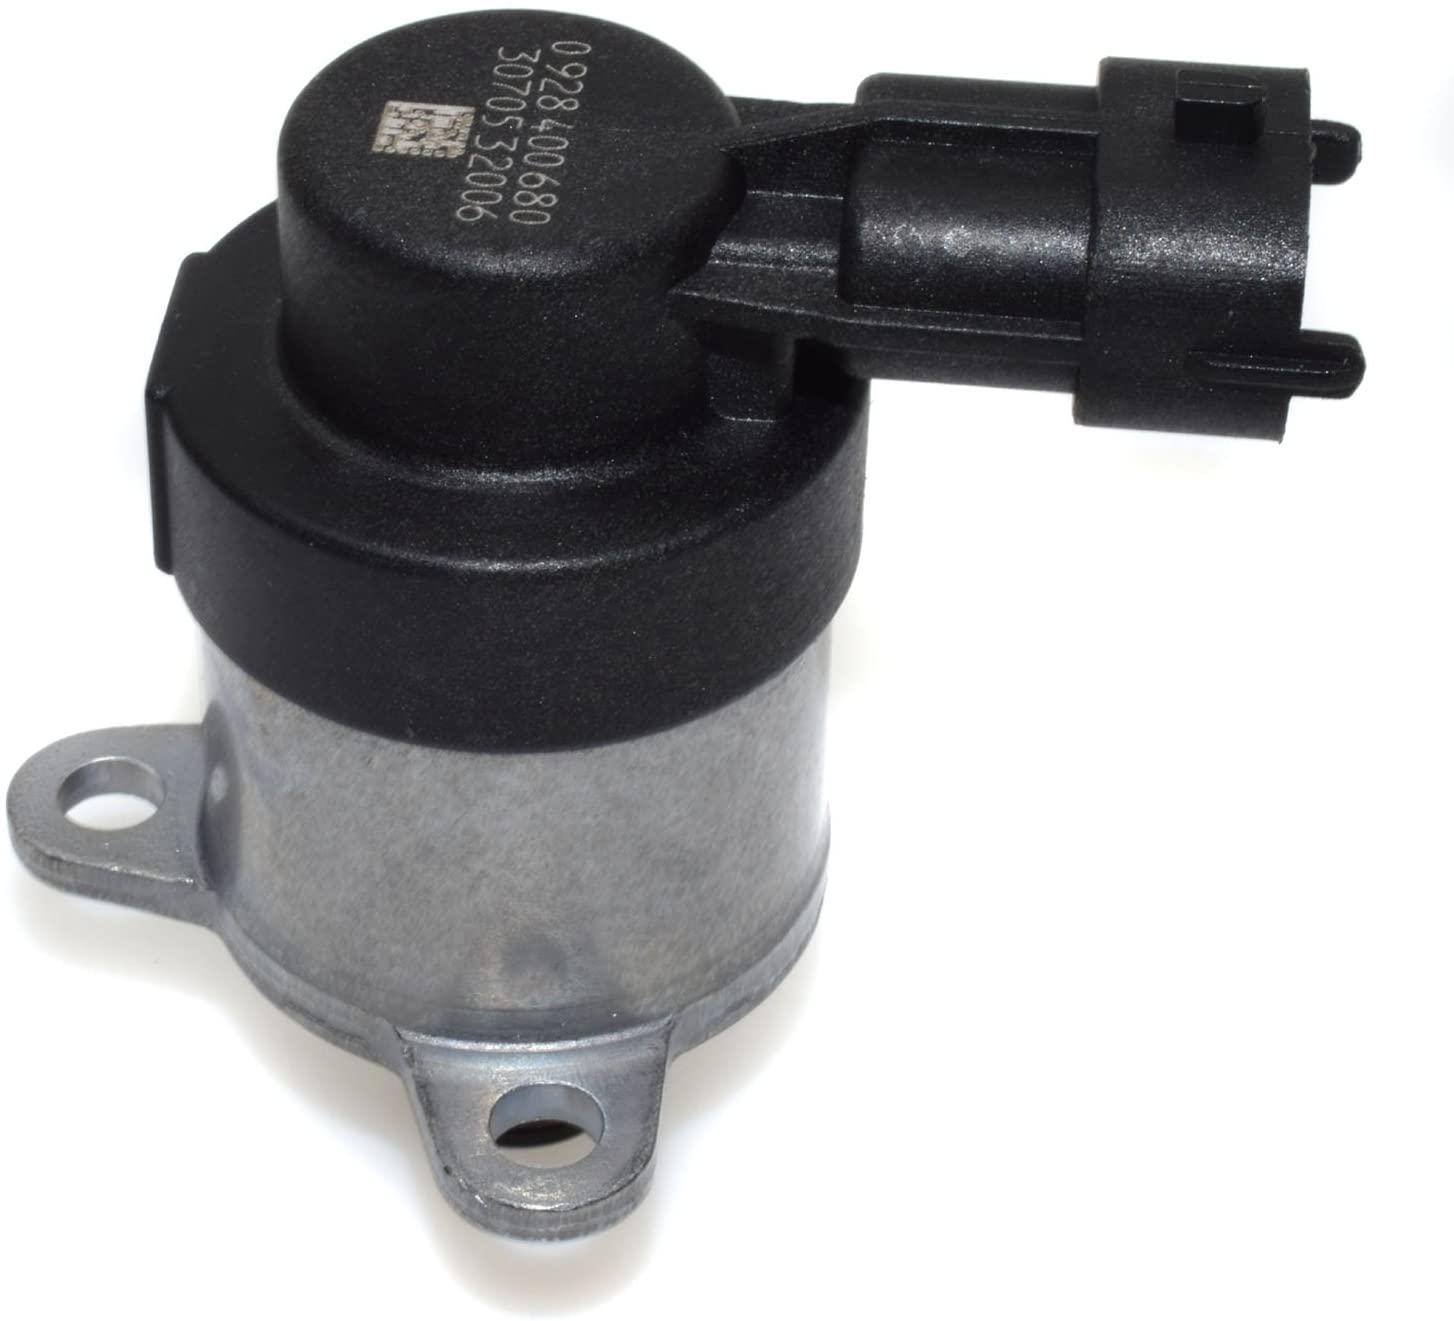 Fuel Metering Solenoid 0928400680 71754571 NEW FOR Chevrolet Cruze 2014 2015 2.0L